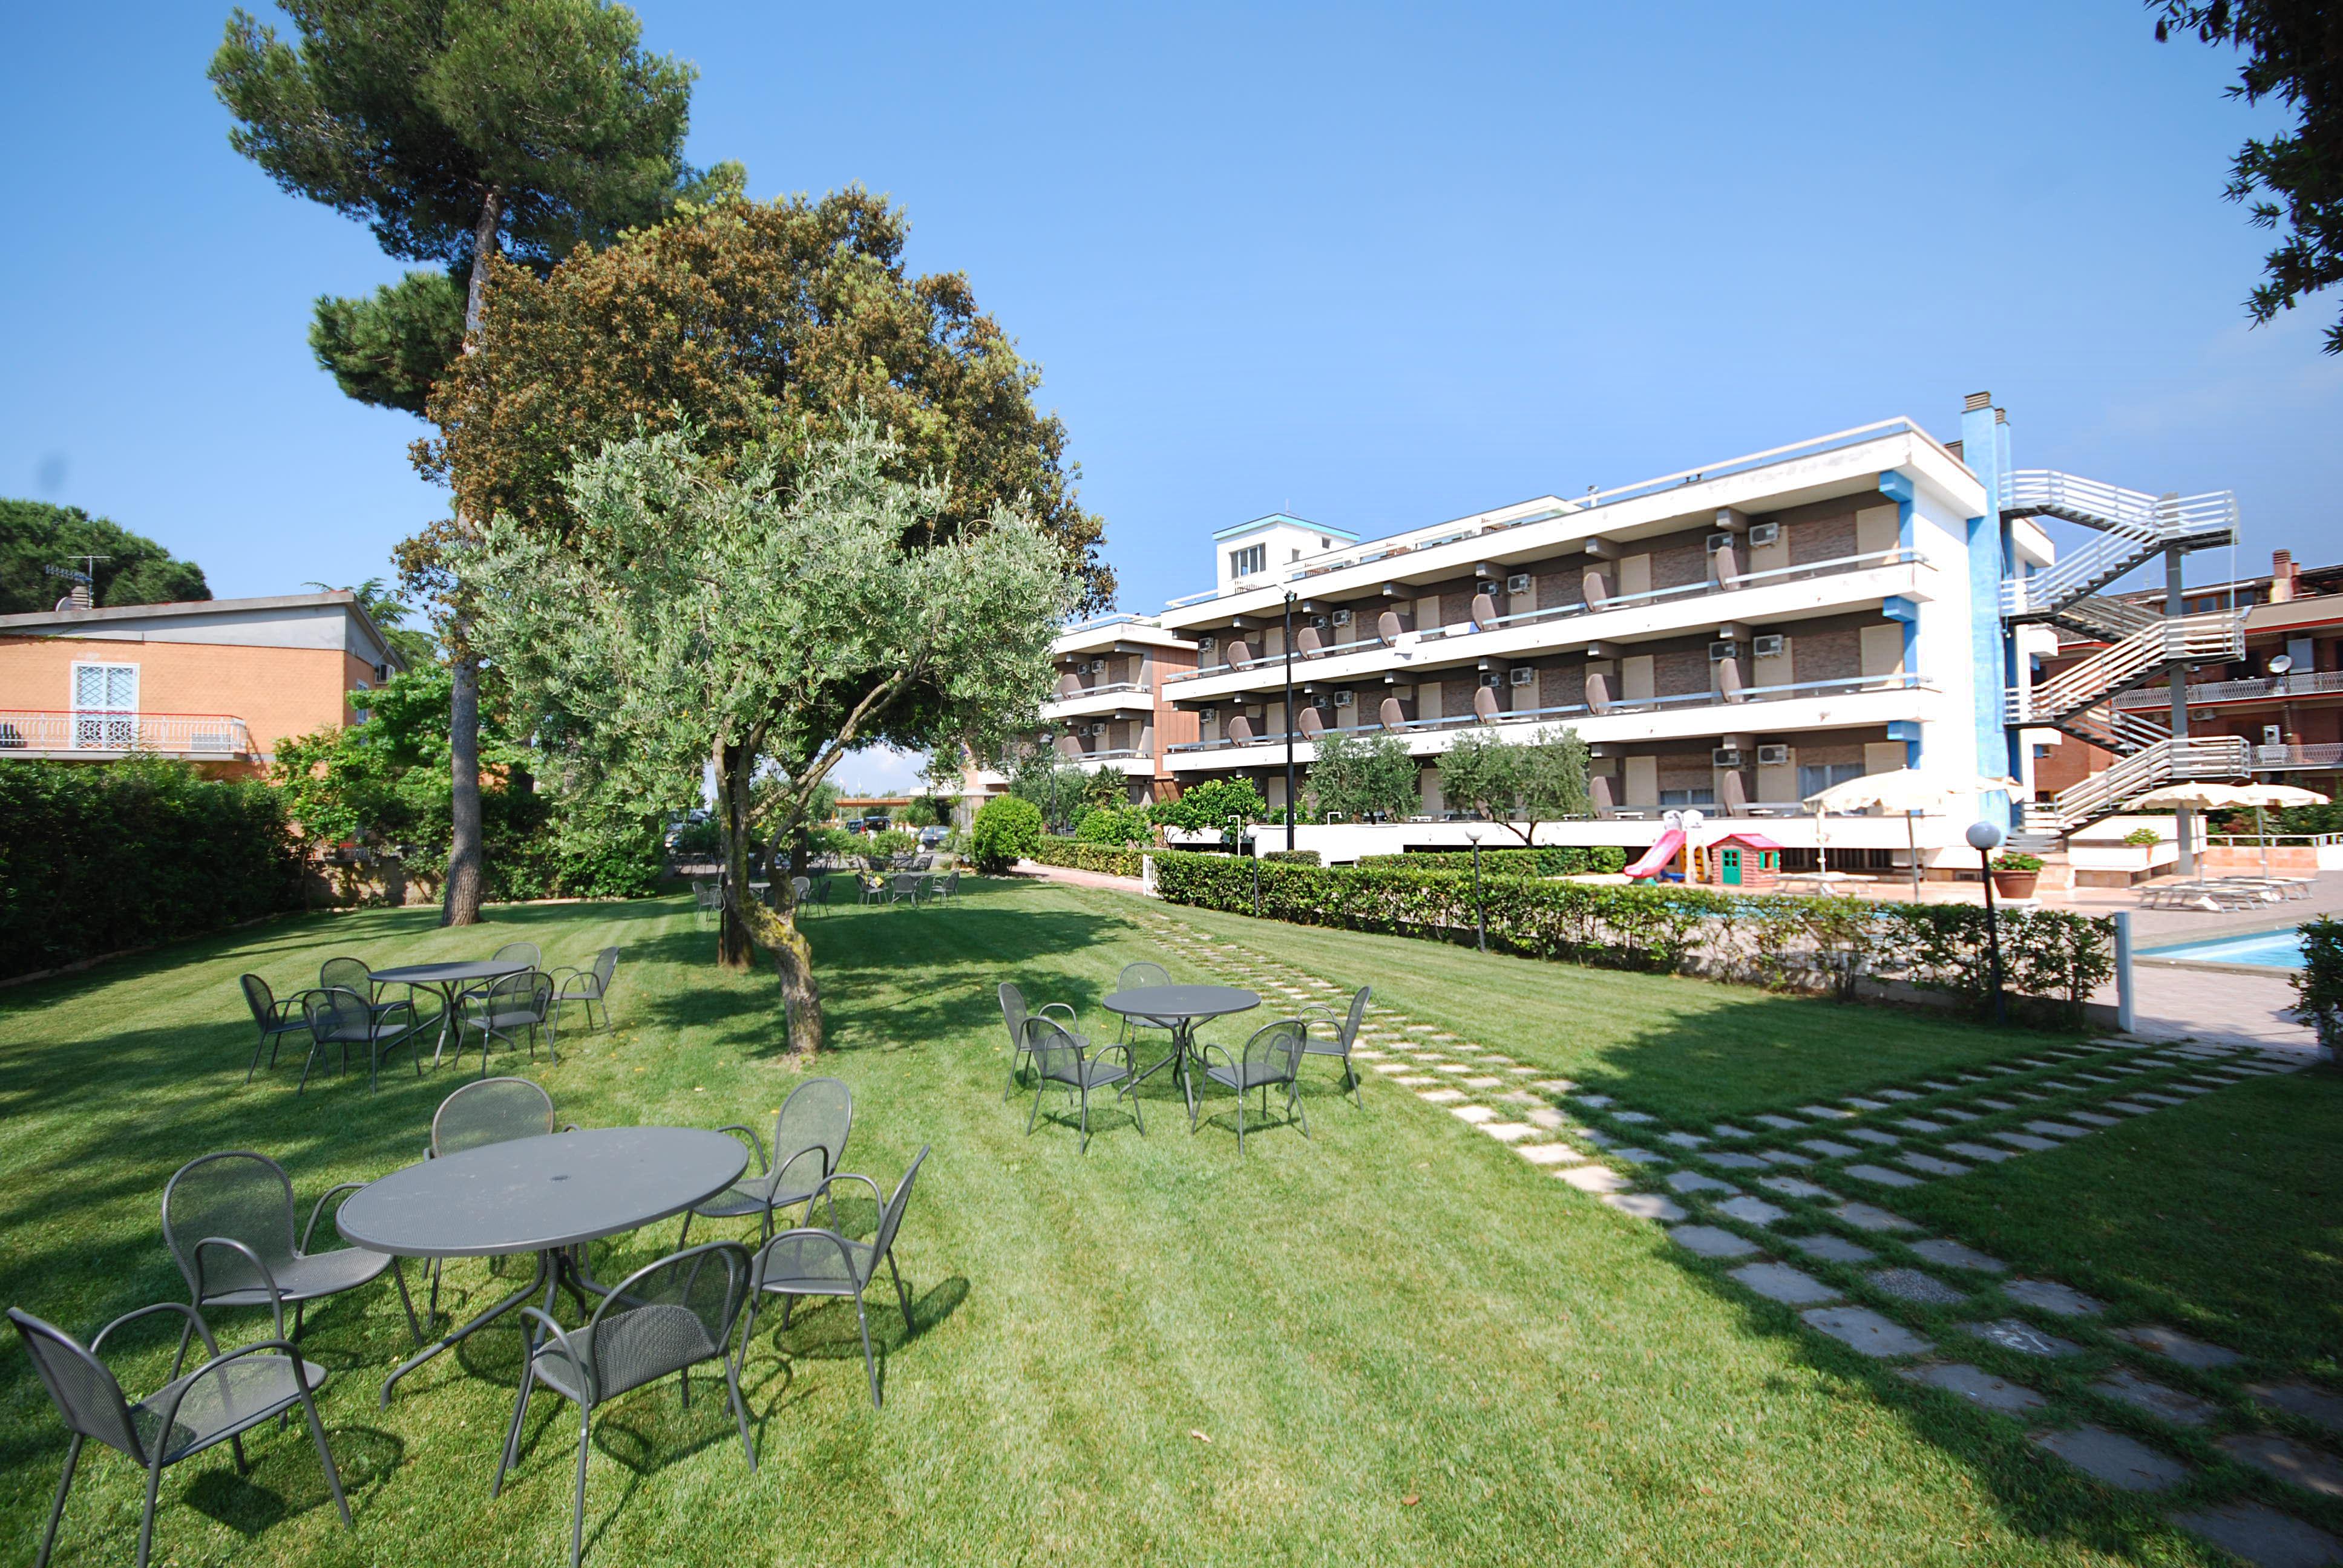 Séjour - Italie - Séjour en Hôtel animé à Terracina Vi River****